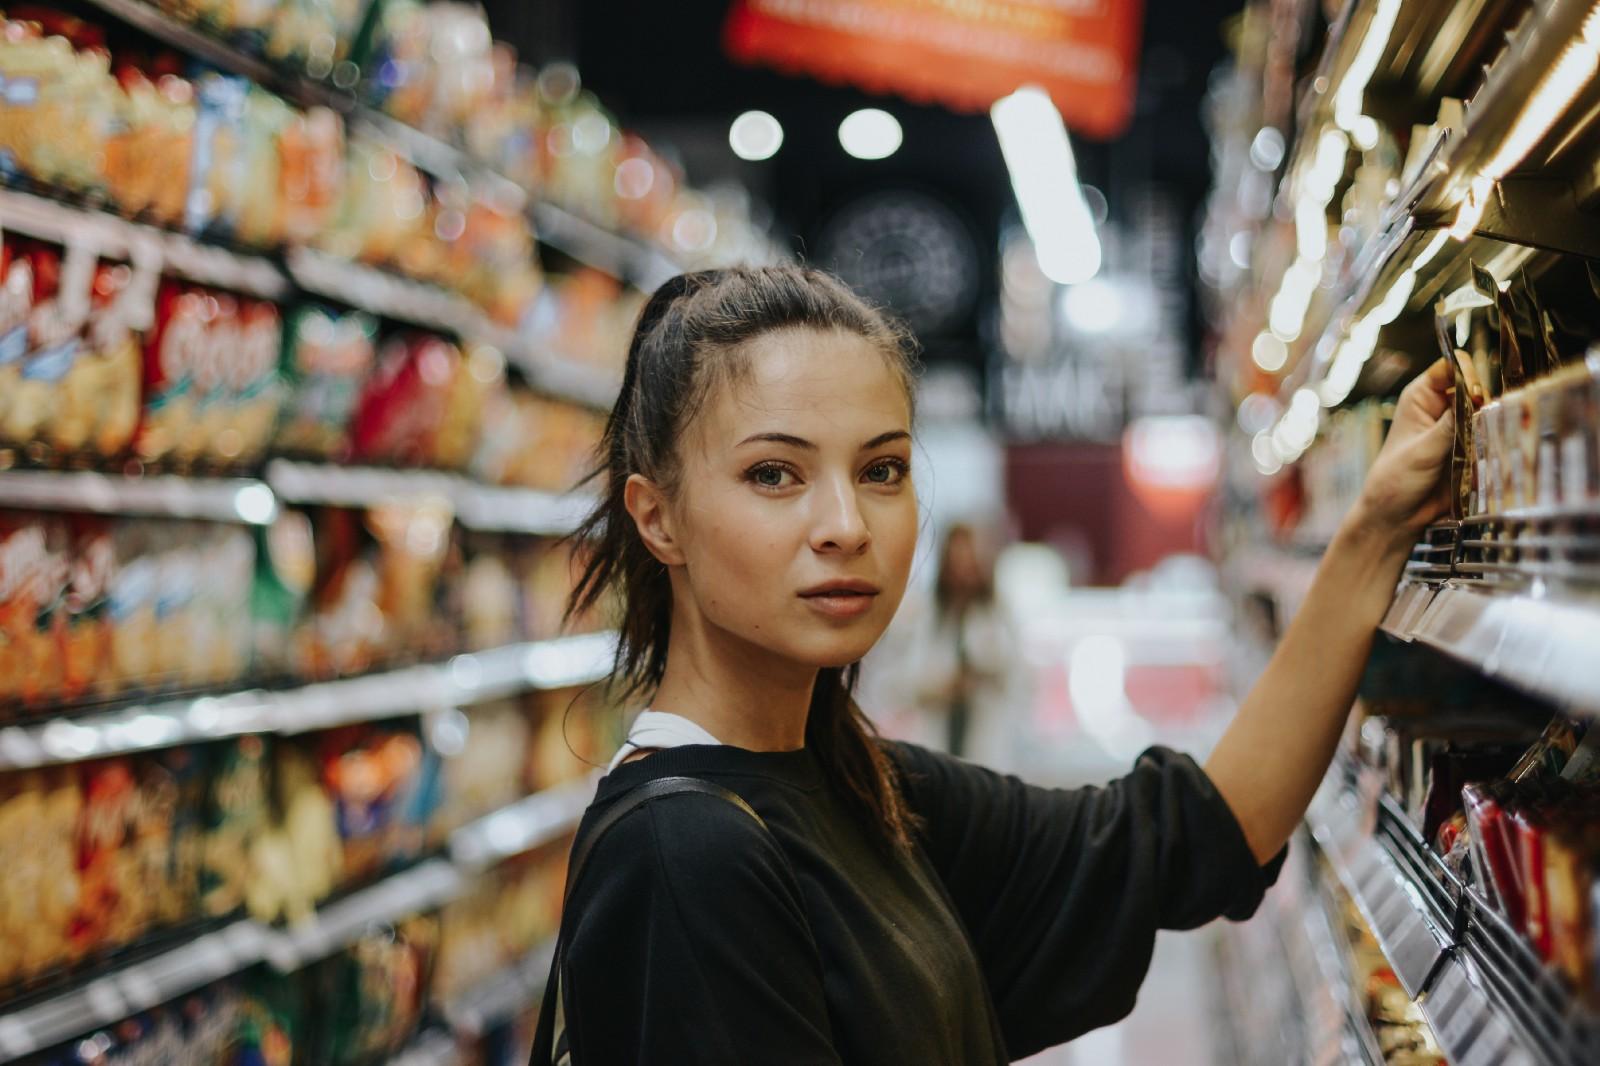 为降低盗窃损失,沃尔玛为 1000 家门店装了 AI 相机